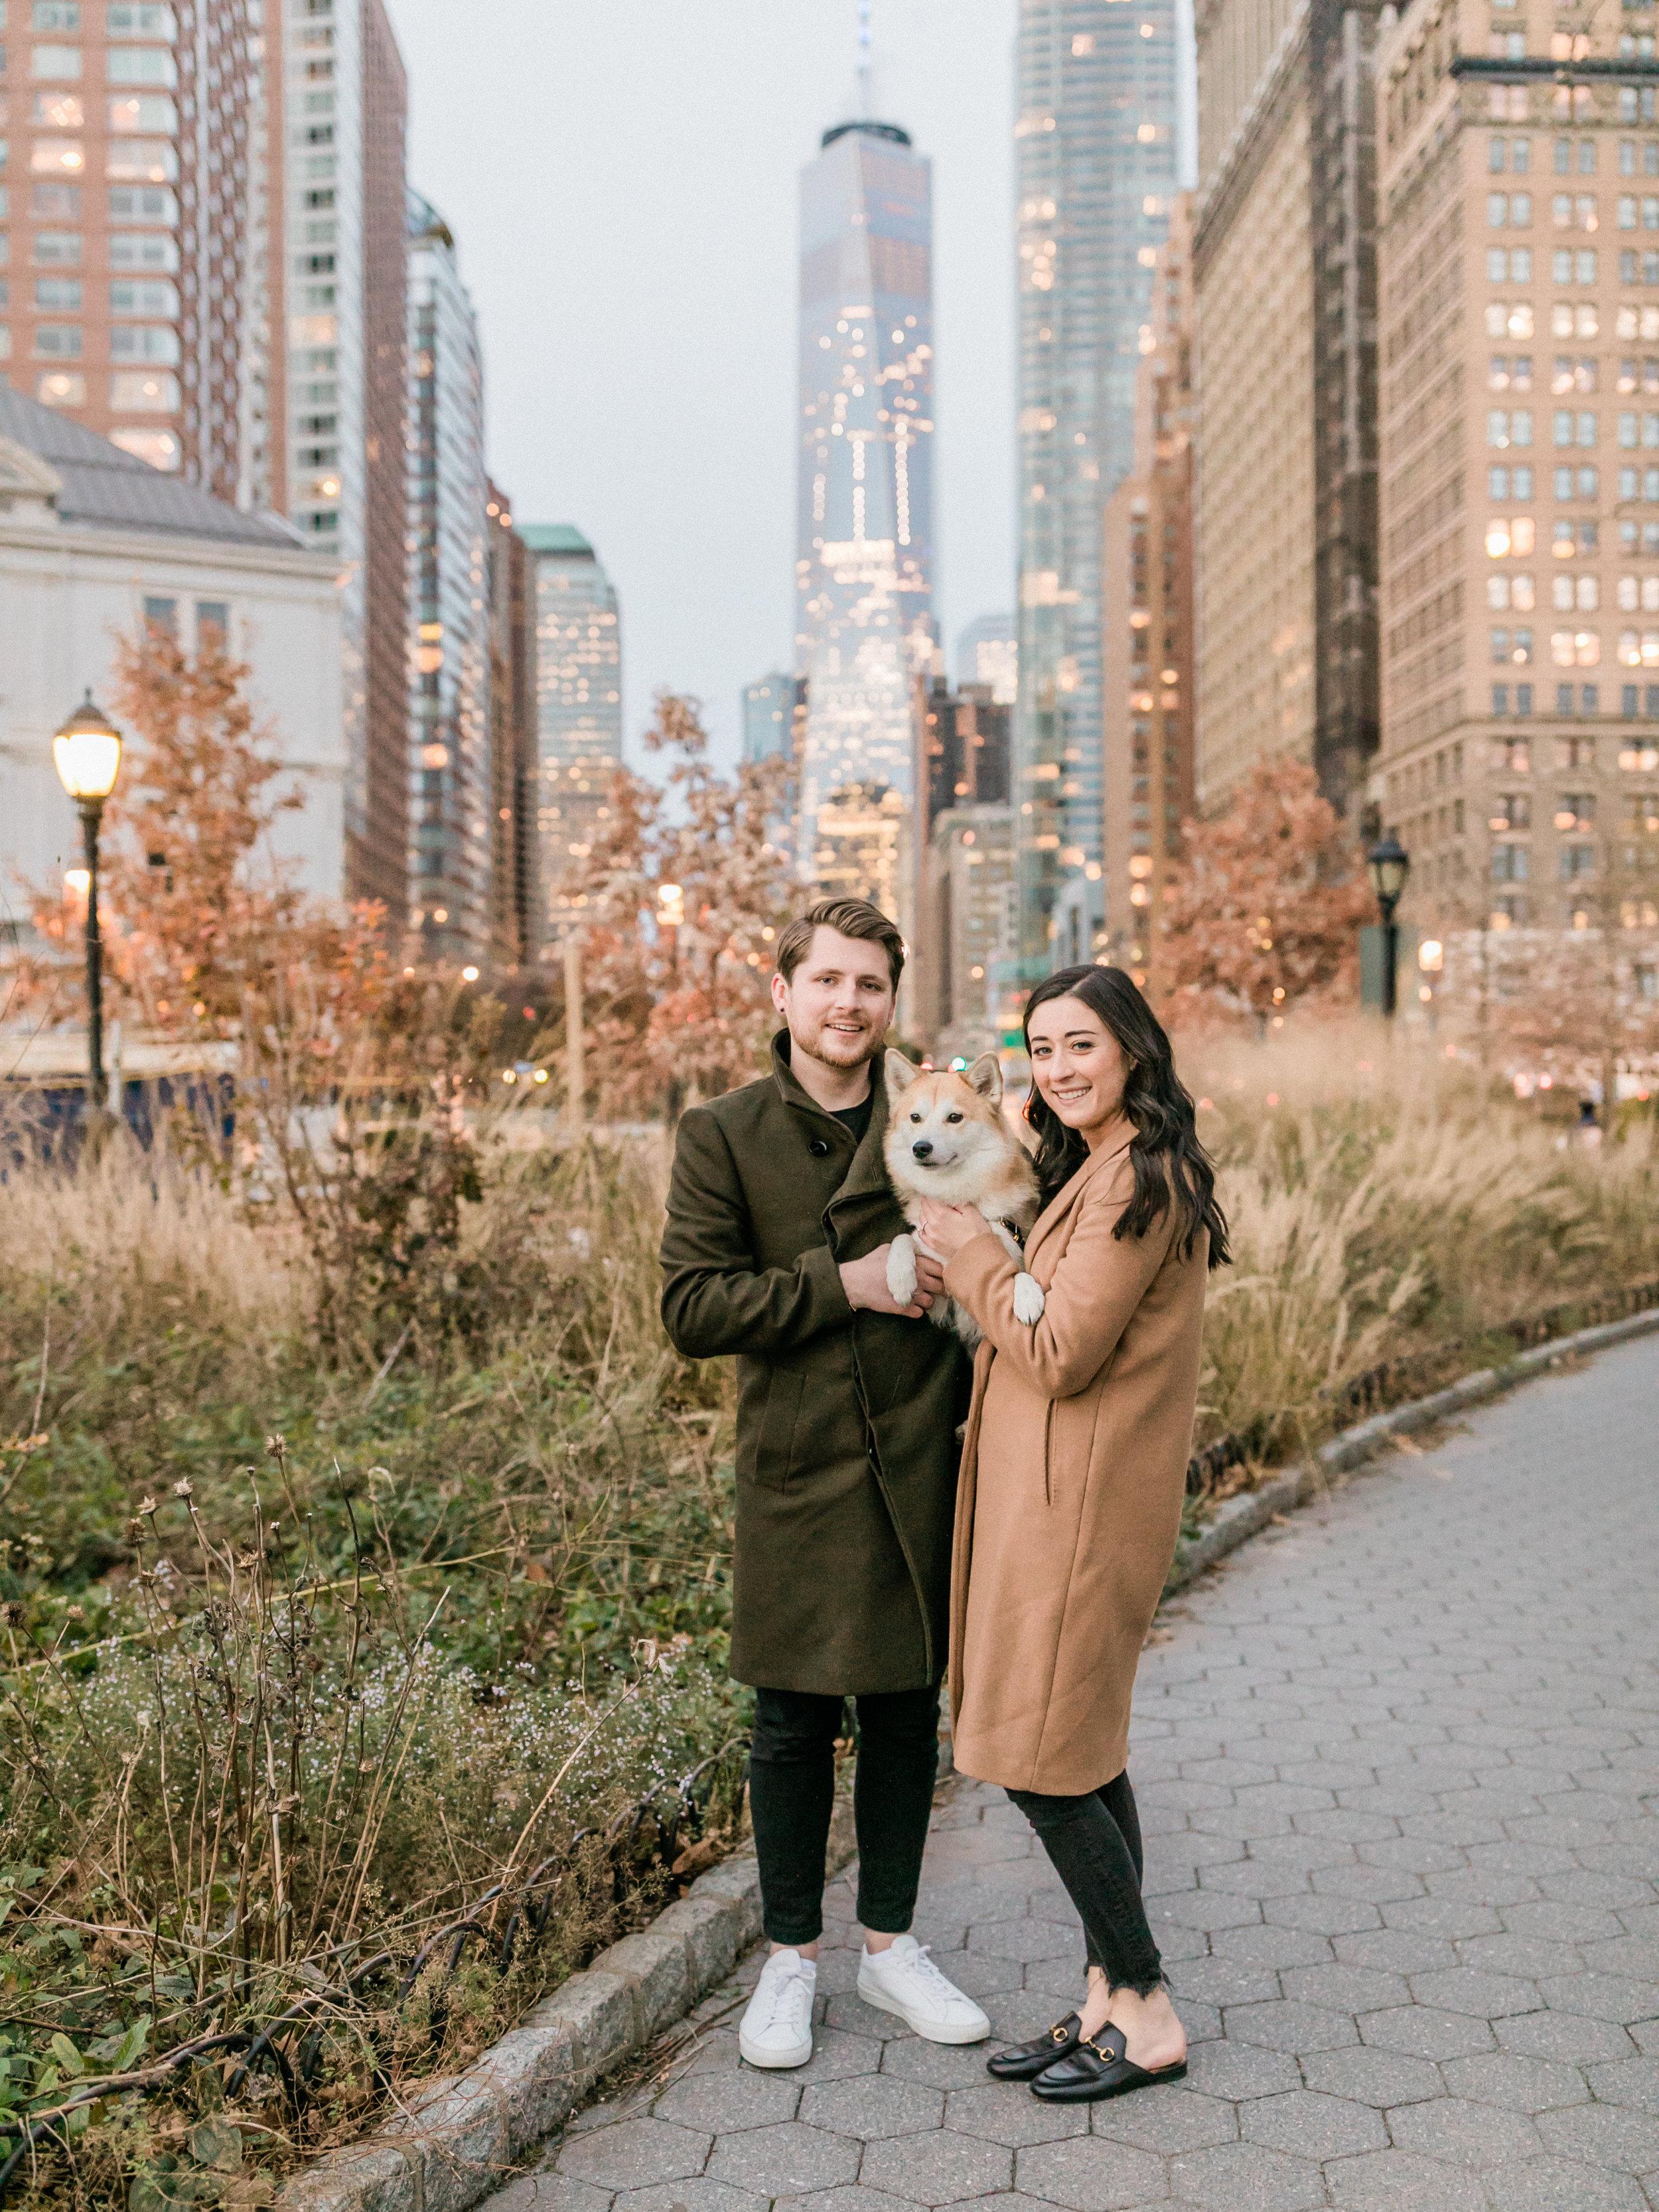 asher-gardner-nyc-engagement-80.jpg